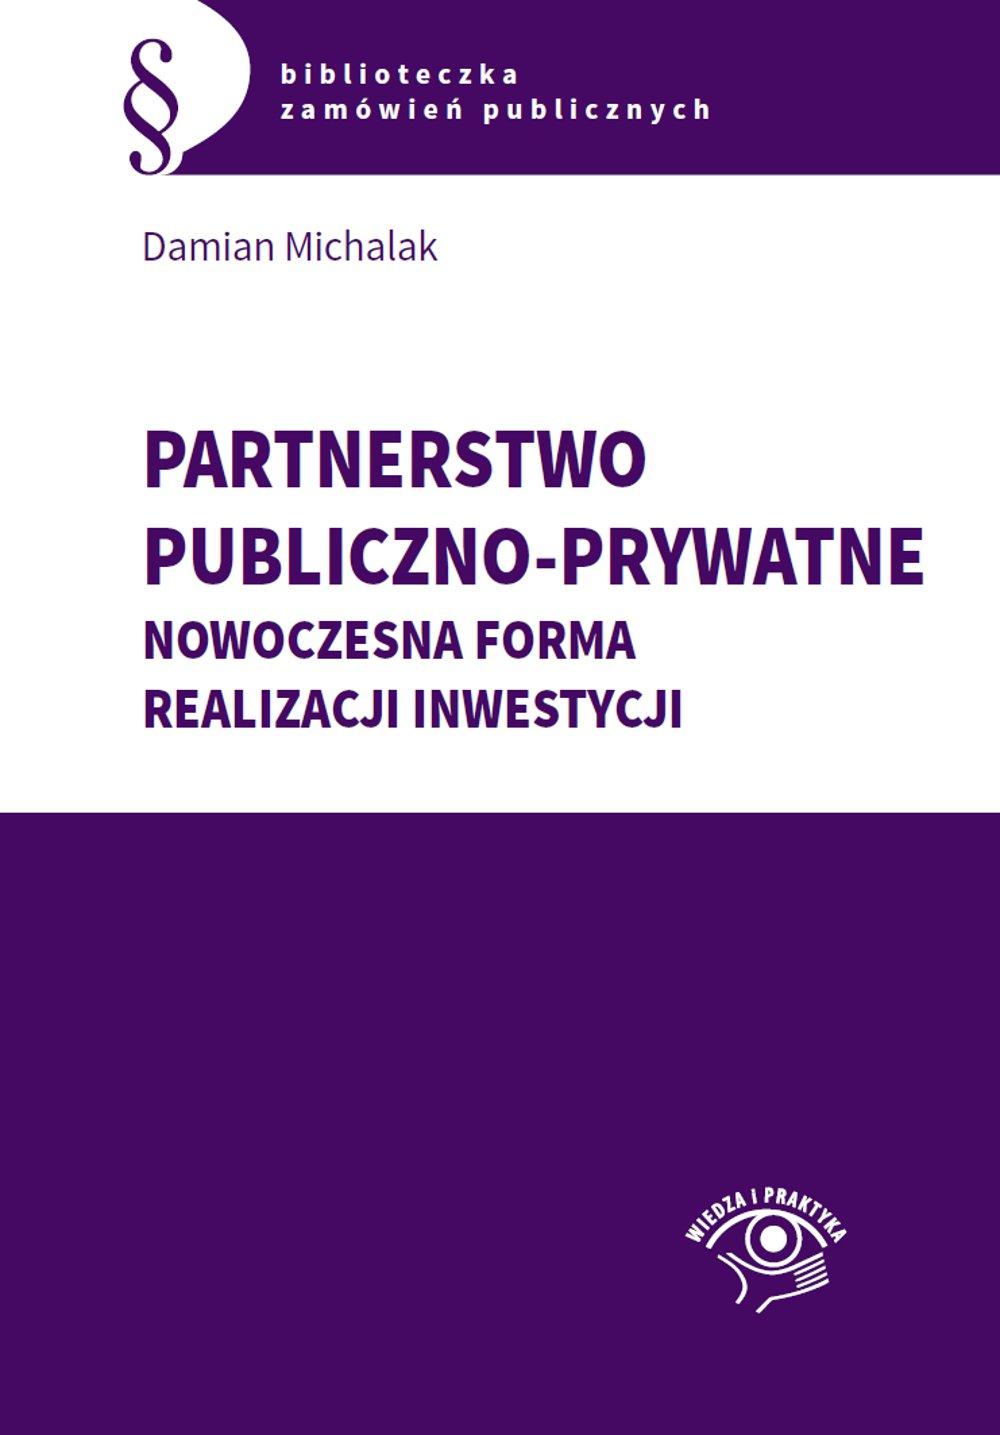 Partnerstwo publiczno-prywatne. Nowoczesna forma realizacji inwestycji - Ebook (Książka na Kindle) do pobrania w formacie MOBI